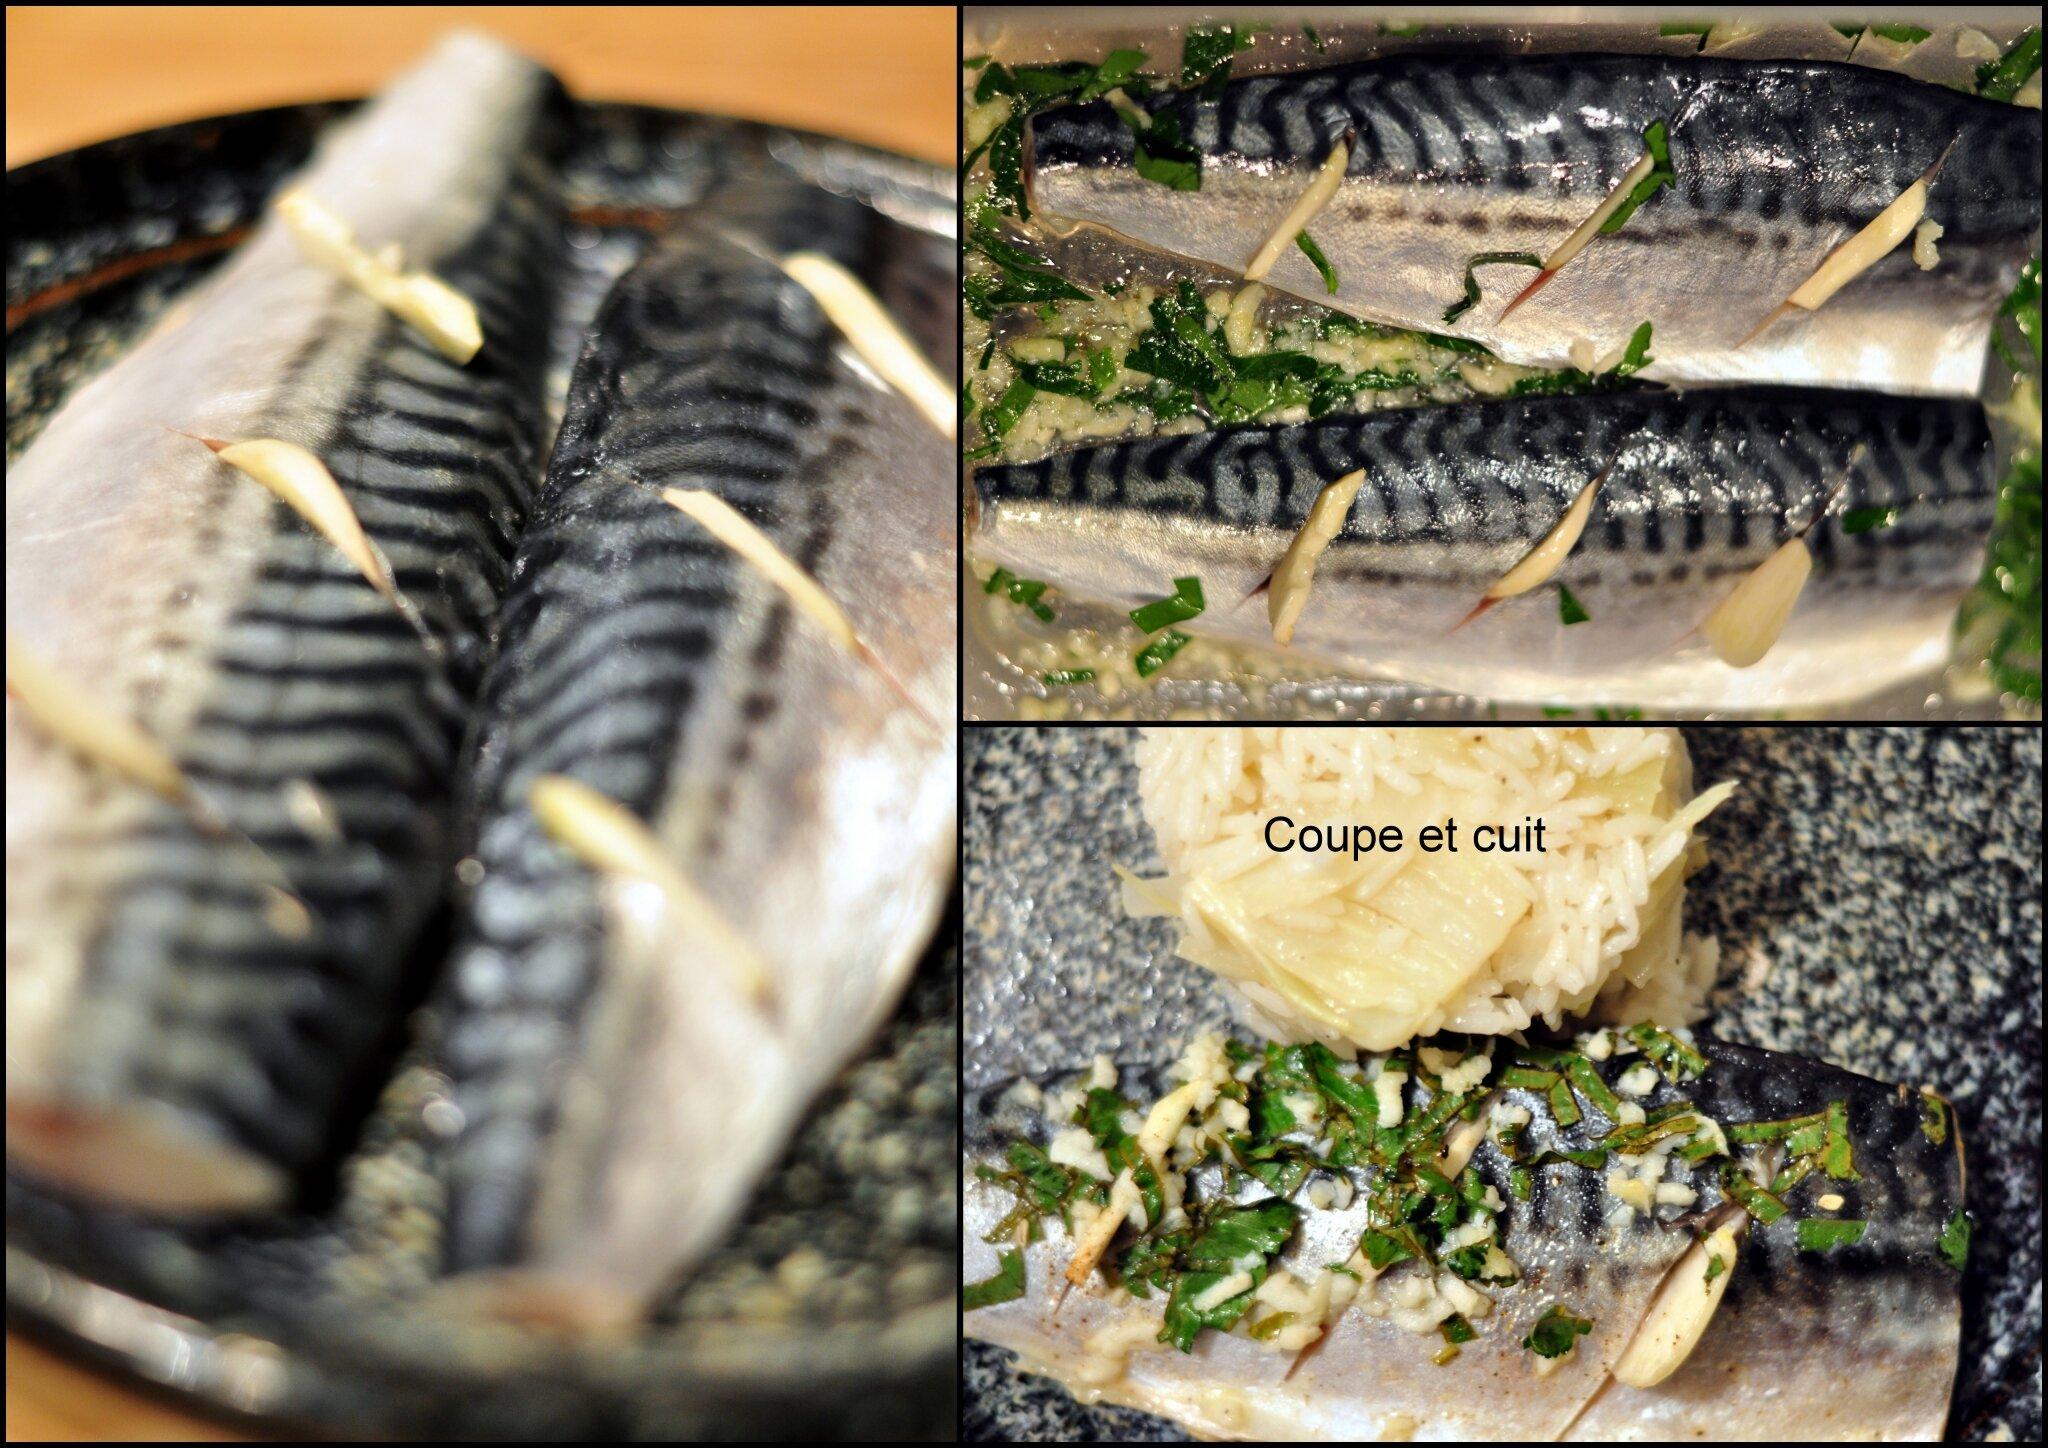 Filets de maquereau marin s et riz au fenouil citronn coupe et cuit - Maquereau grille au four ...